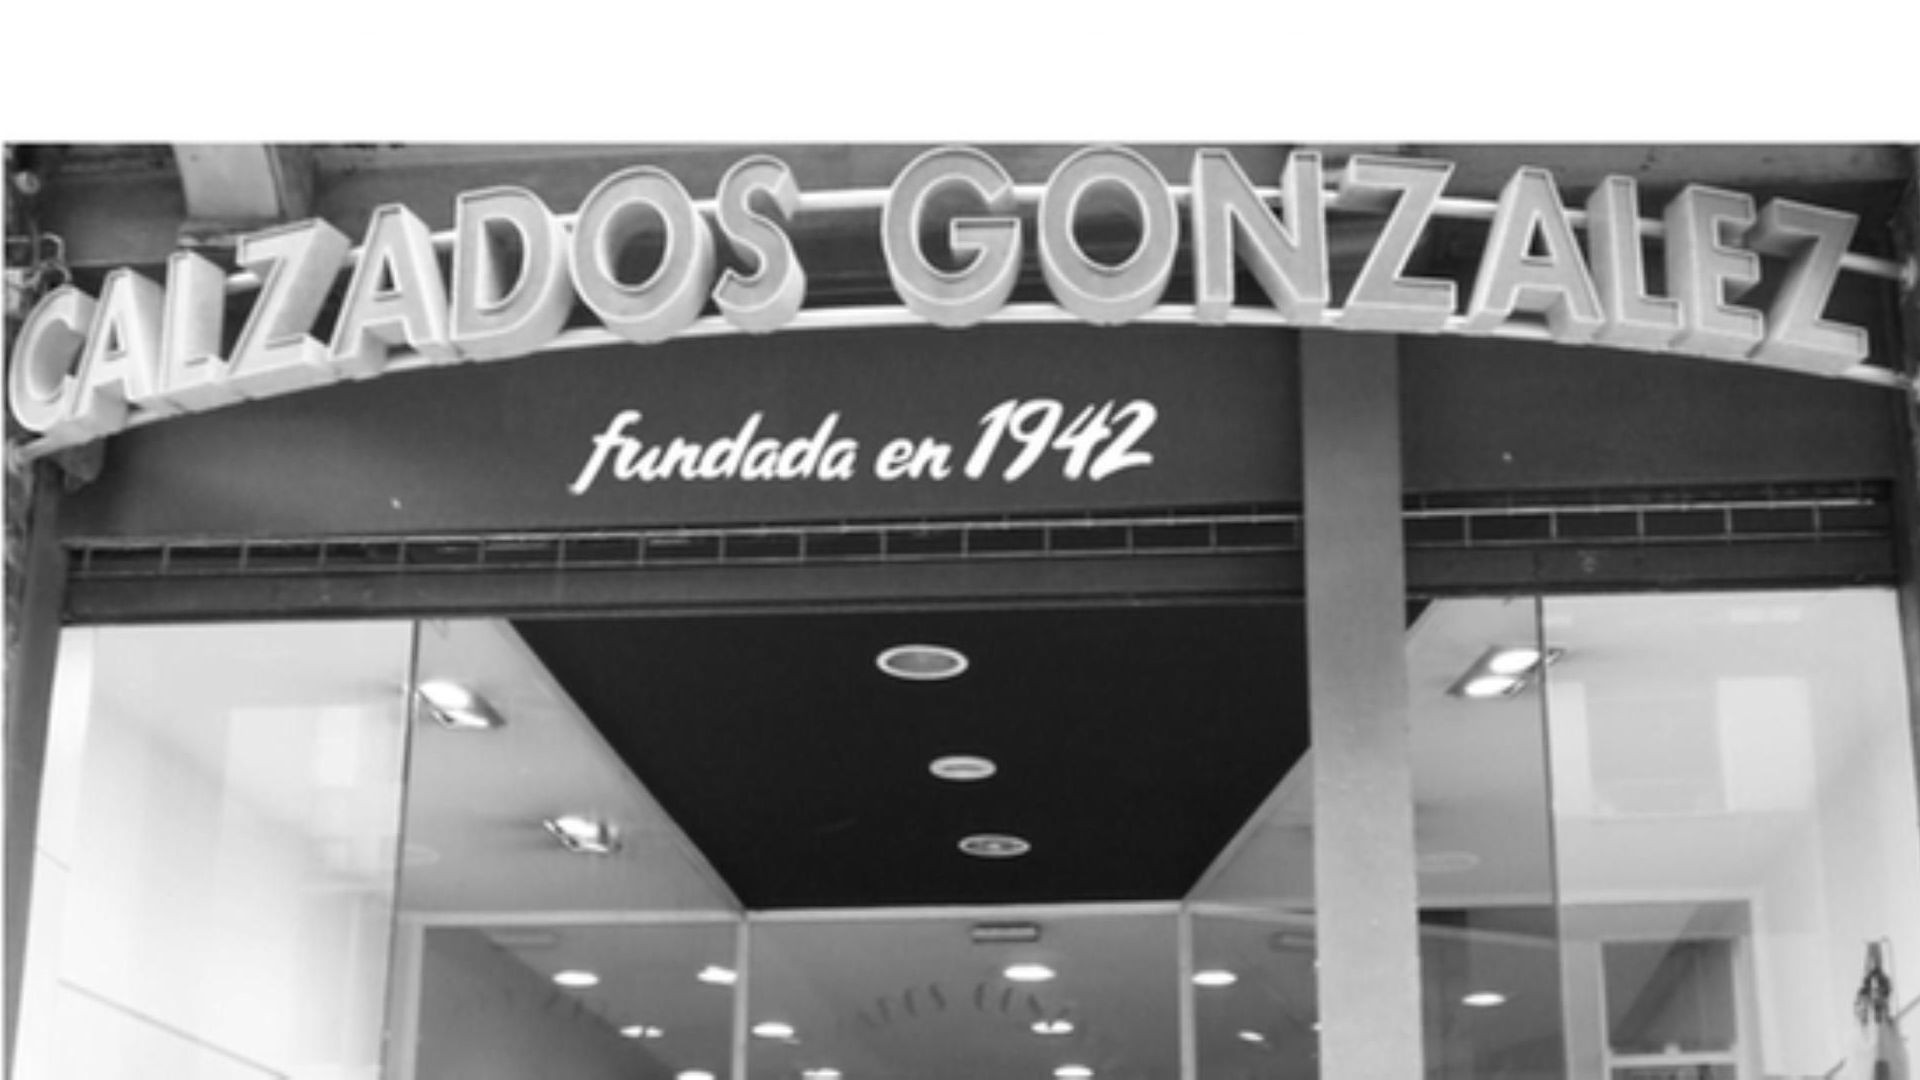 calz_gonzalez-triangle